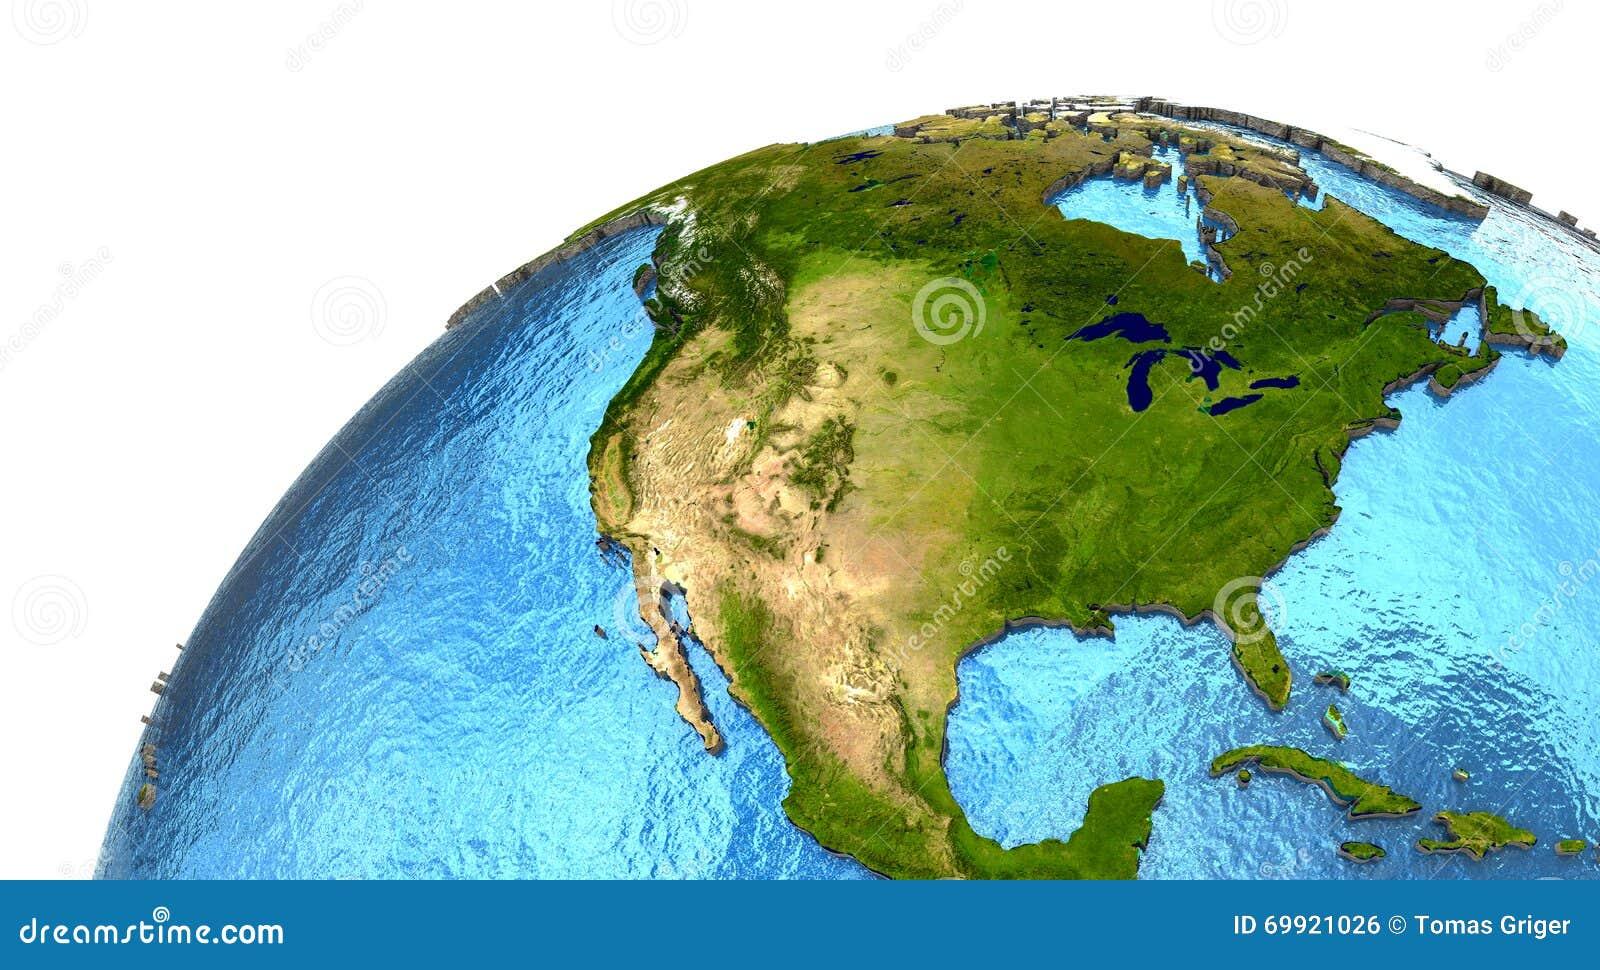 Forgetten dreams continente americano 10 - 4 3